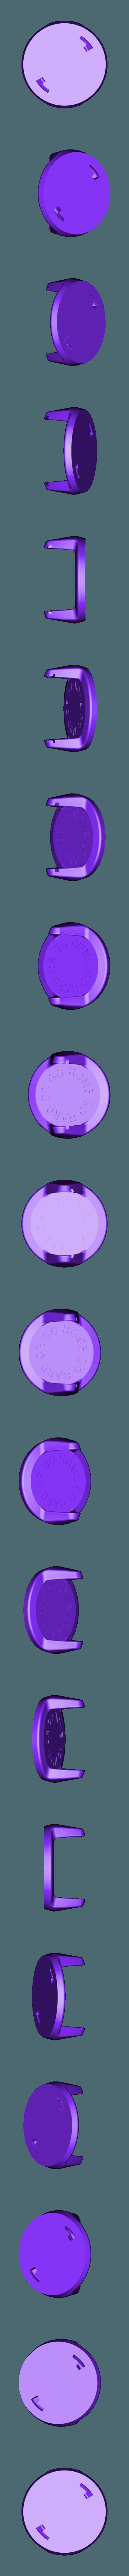 Poignée Go hard or go home.STL Télécharger fichier STL gratuit Poignée pour pompe (Push up bar) • Modèle pour impression 3D, Mathieu_BZH